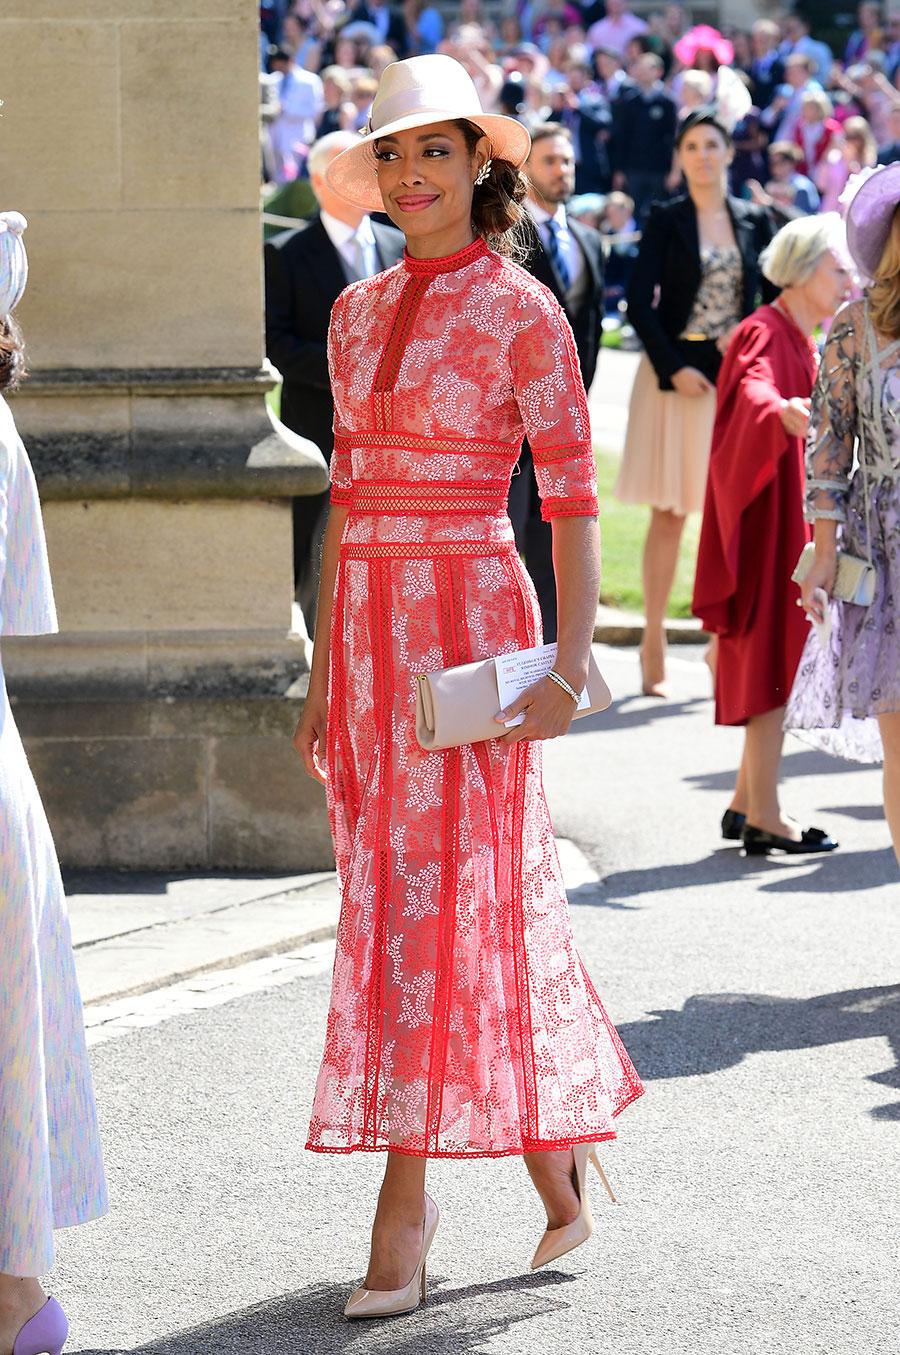 64 Fotos de Boda príncipe Harry y Meghan Markle